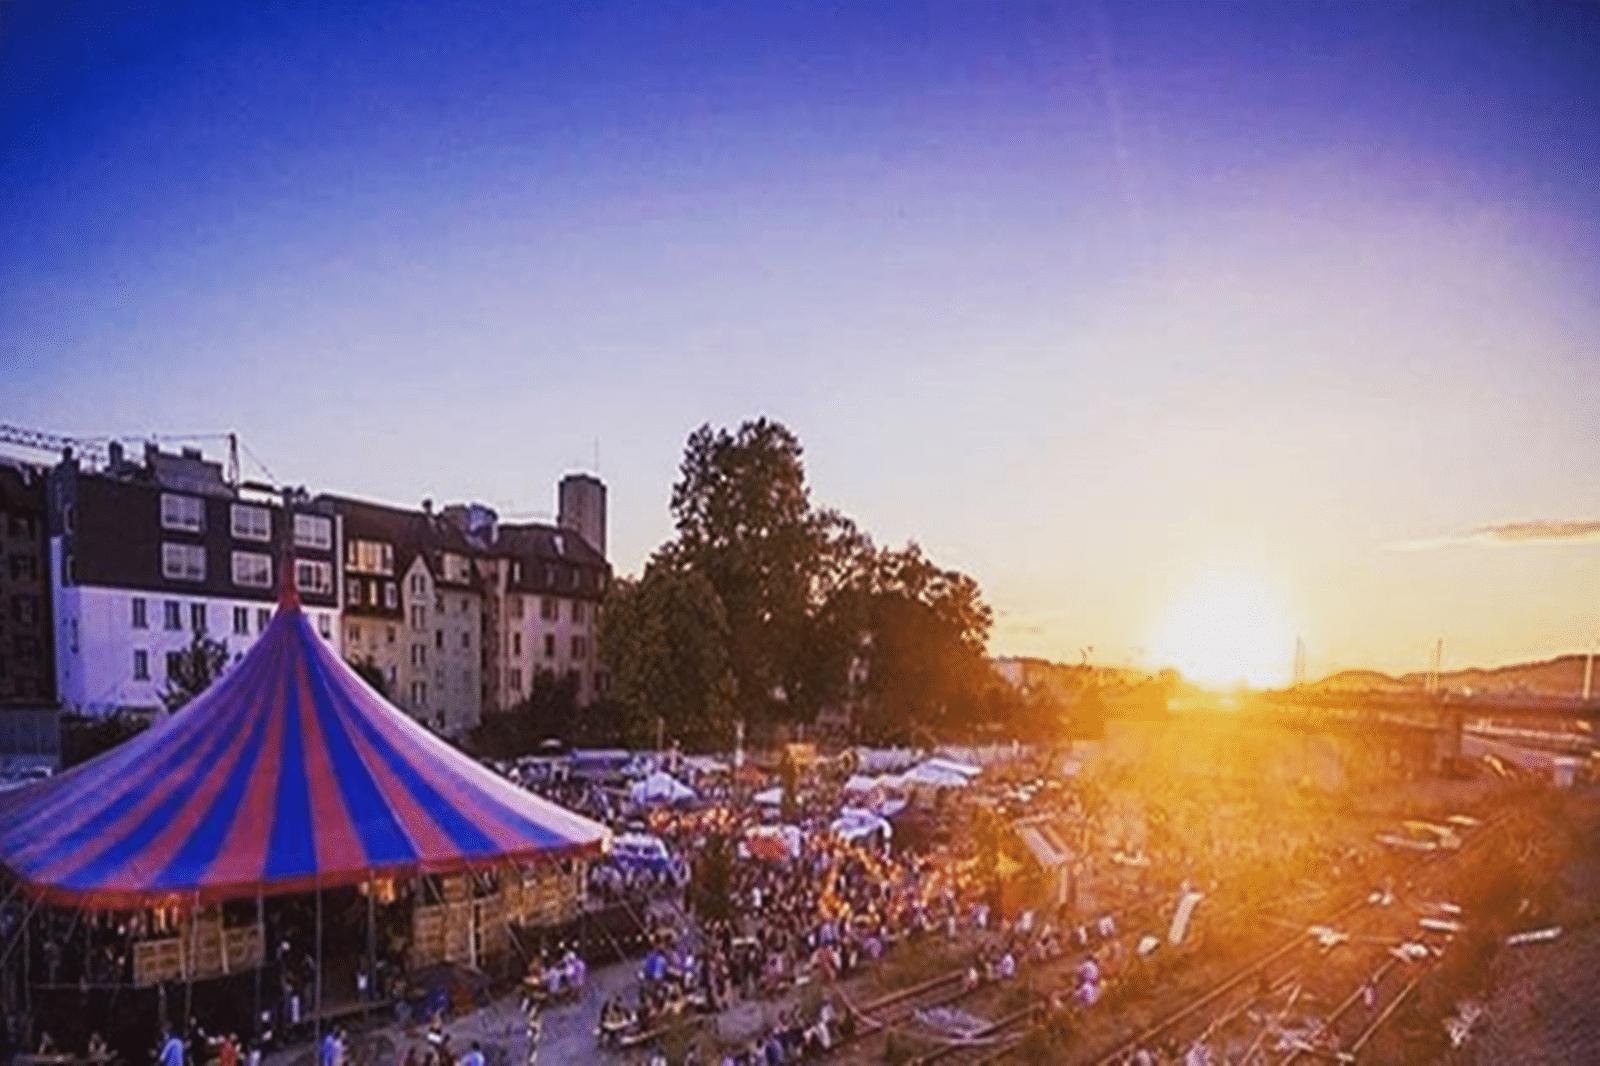 Riesenspektakel Strassenfeste In Vier Stadtteilen In Karlsruhe